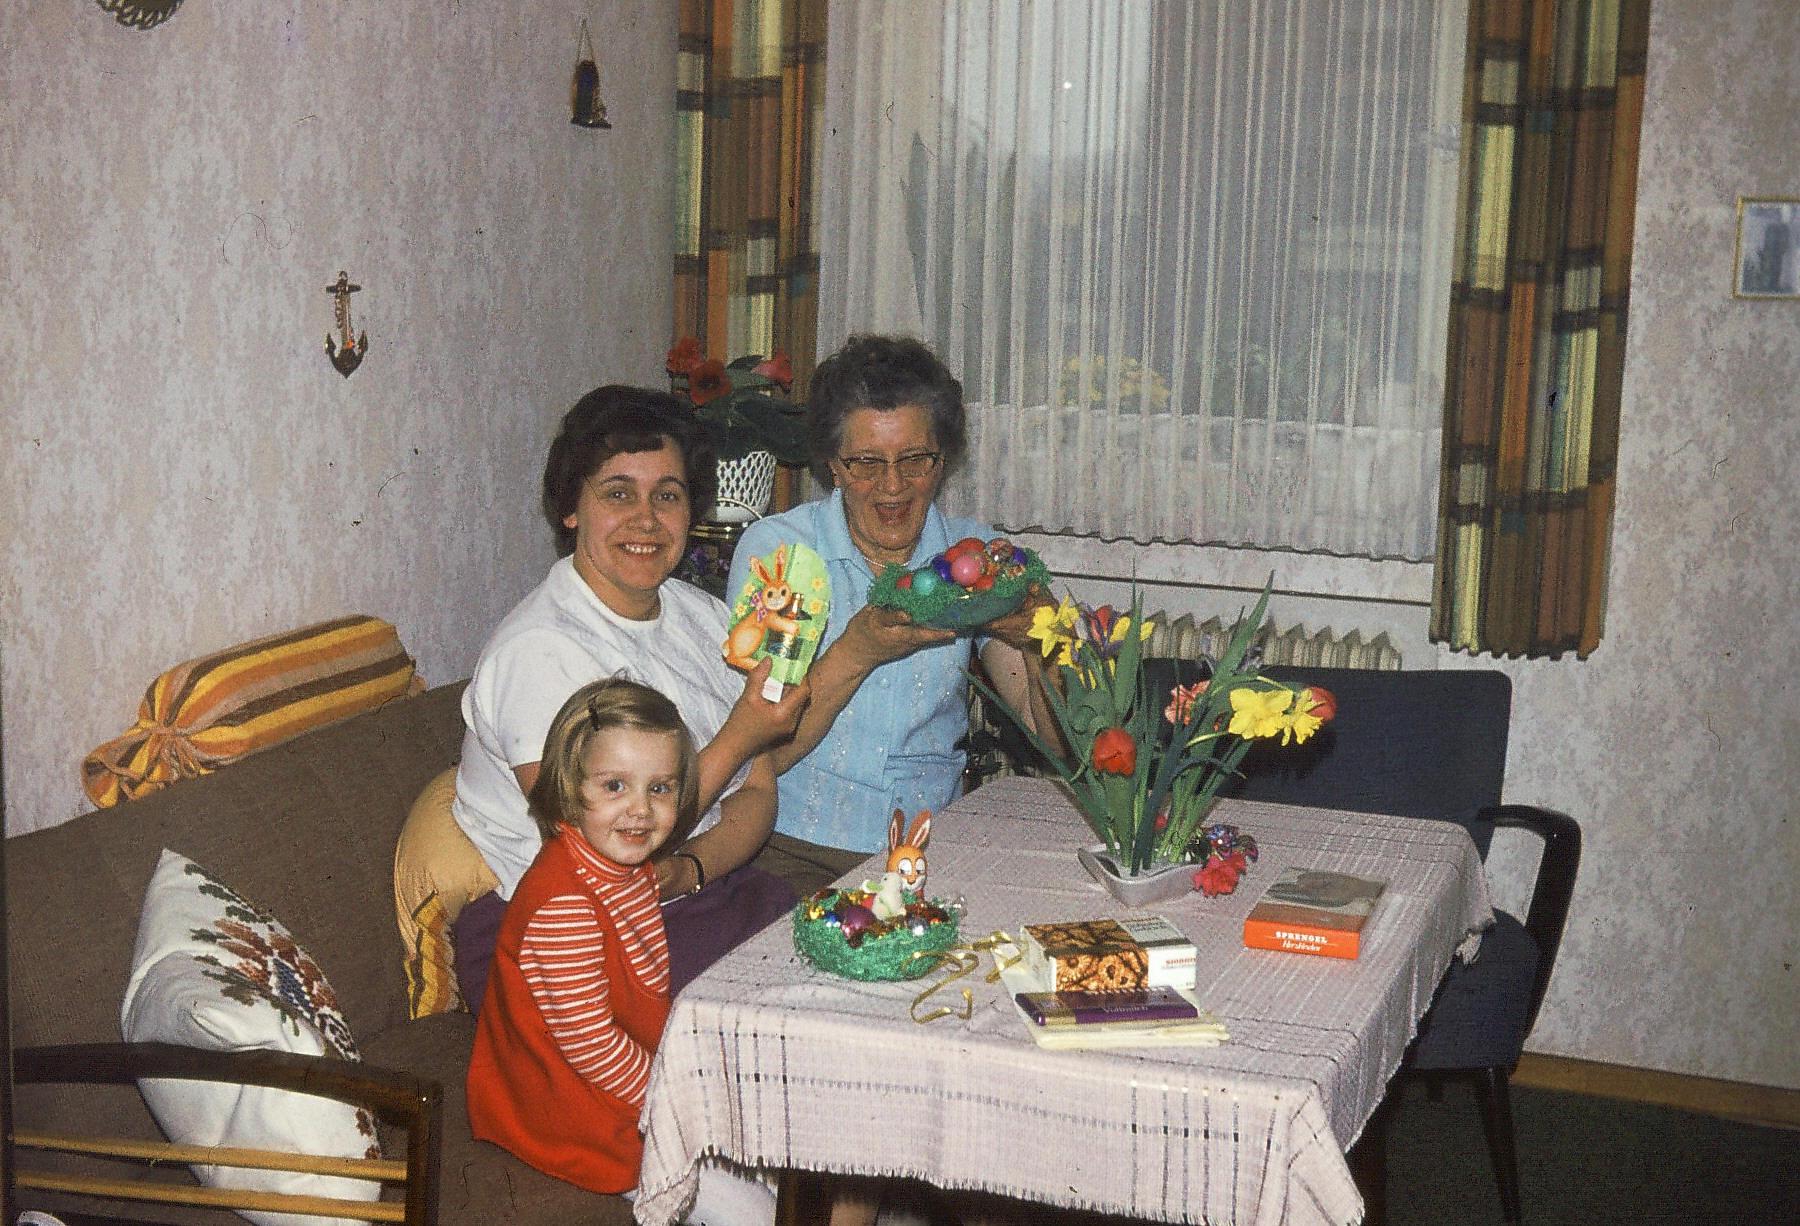 Frohe Ostern! In Omas Zimmer. Mit Tante Anita. Wir telefonieren heute noch regelmäßig, sie ist weit über 80 Jahre alt.